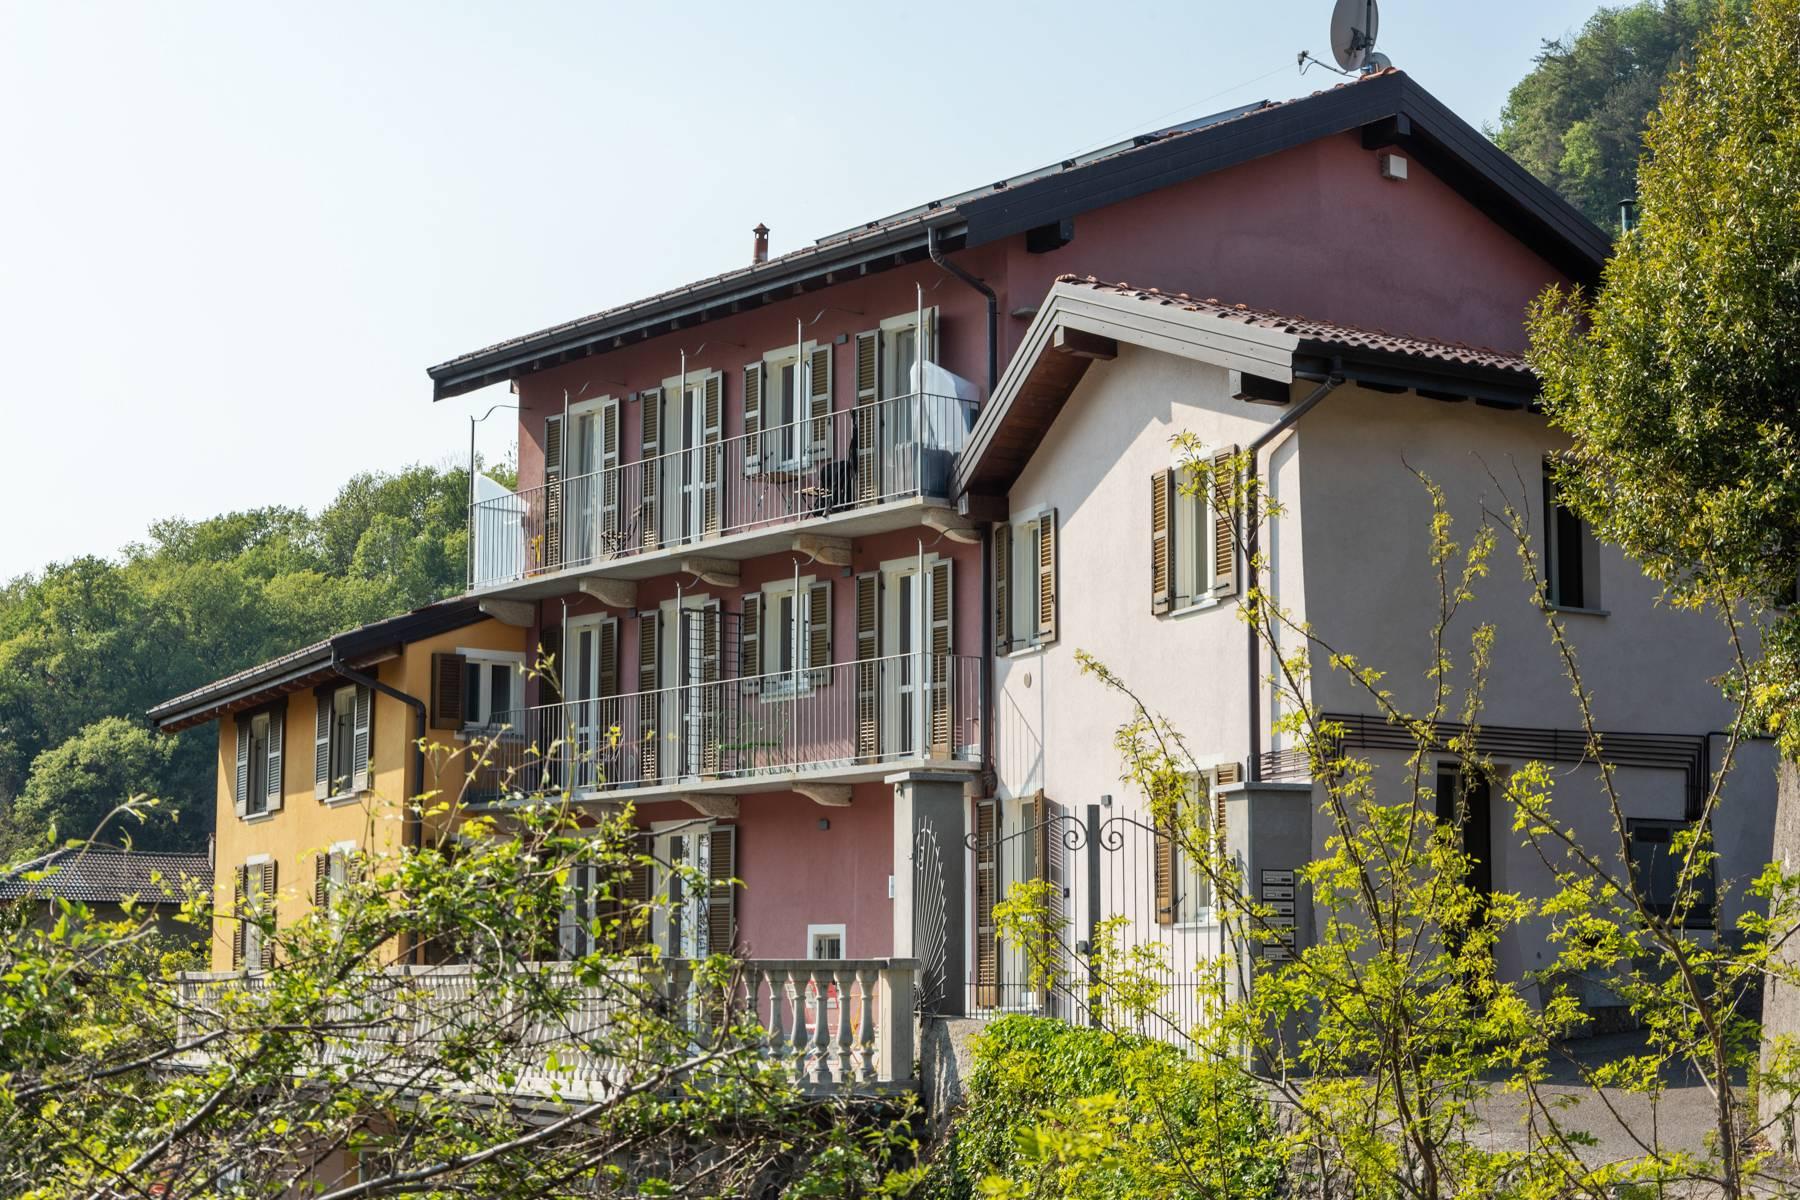 Appartamento in Vendita a Castelveccana: 3 locali, 108 mq - Foto 11